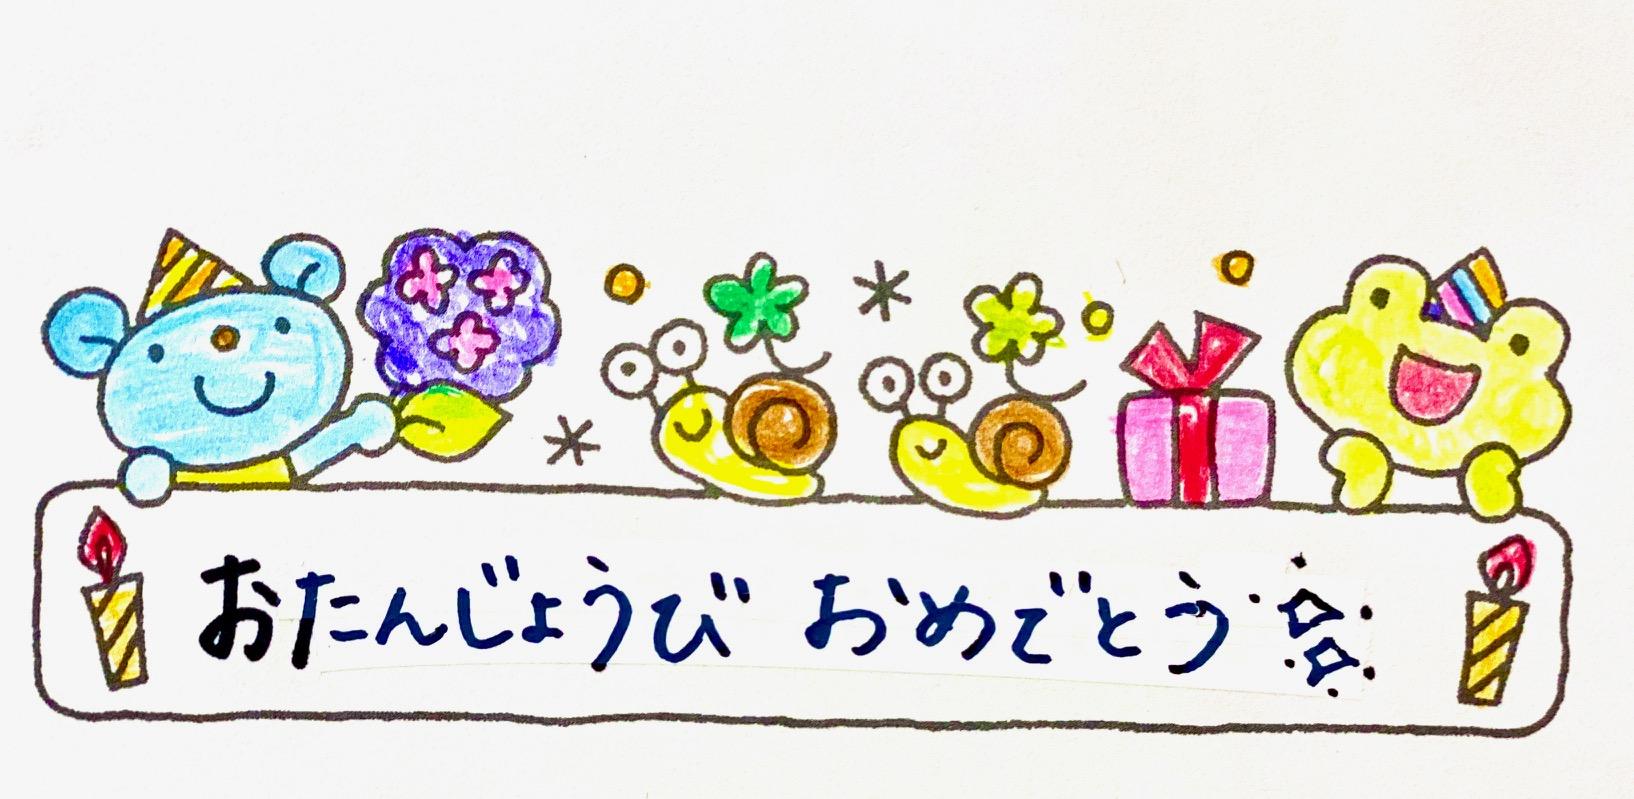 6月生まれのお友達☆お誕生日おめでとう☆